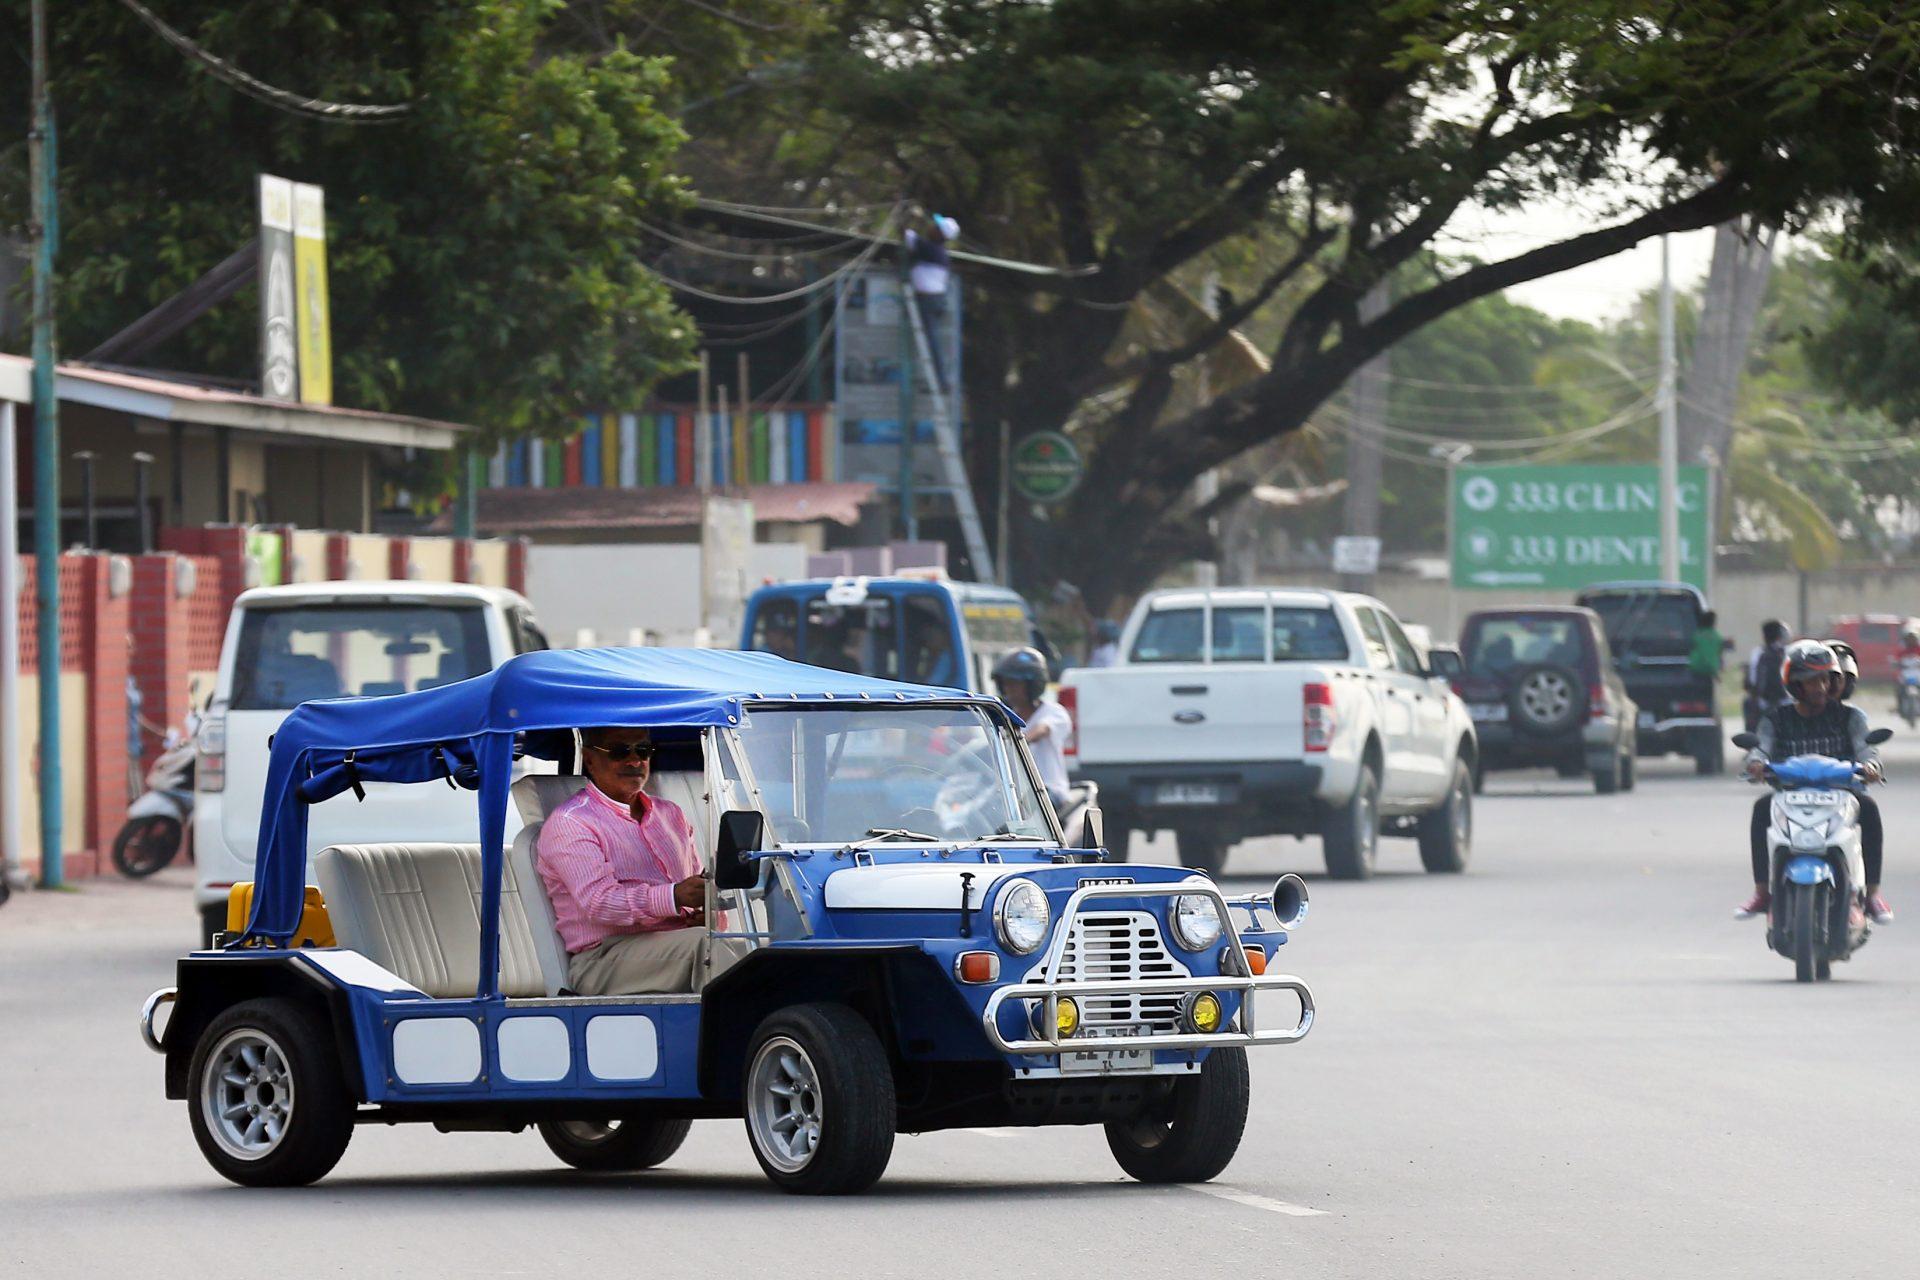 """O ex-Presidente timorense, José Ramos-Horta, passeia nas ruas de Dili no seu carro, Dili, Timor-Leste, 10 de julho de 2017. Ramos-Horta considera que a maioria do eleitorado timorense continua """"politica, psicológica e emocionalmente ligado"""" à geração de 75, fator que vai ser determinante nas eleições de 22 de julho. (ACOMPANHA TEXTO DE 12/07/2017) NUNO VEIGA/LUSA"""